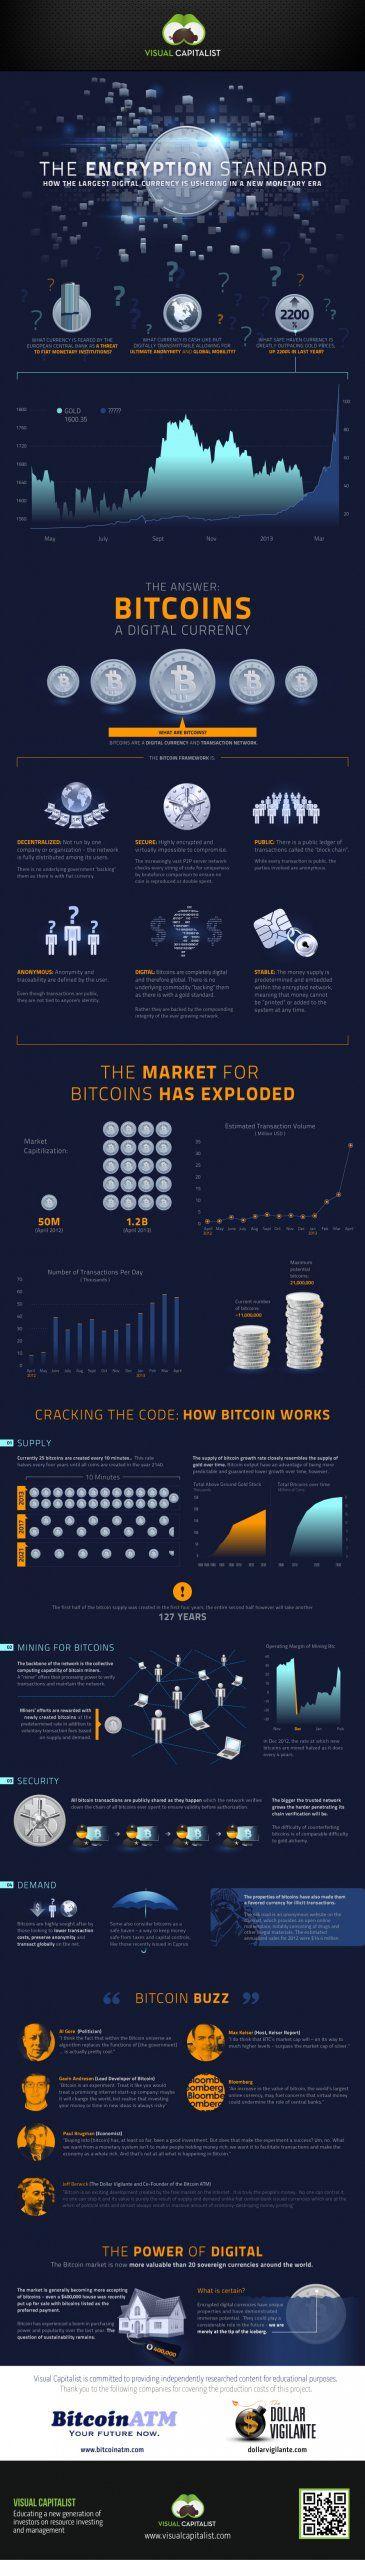 Moest gisteren Bitcoin aan iemand uitleggen die het totaal niet kende, toch niet zo simpel.